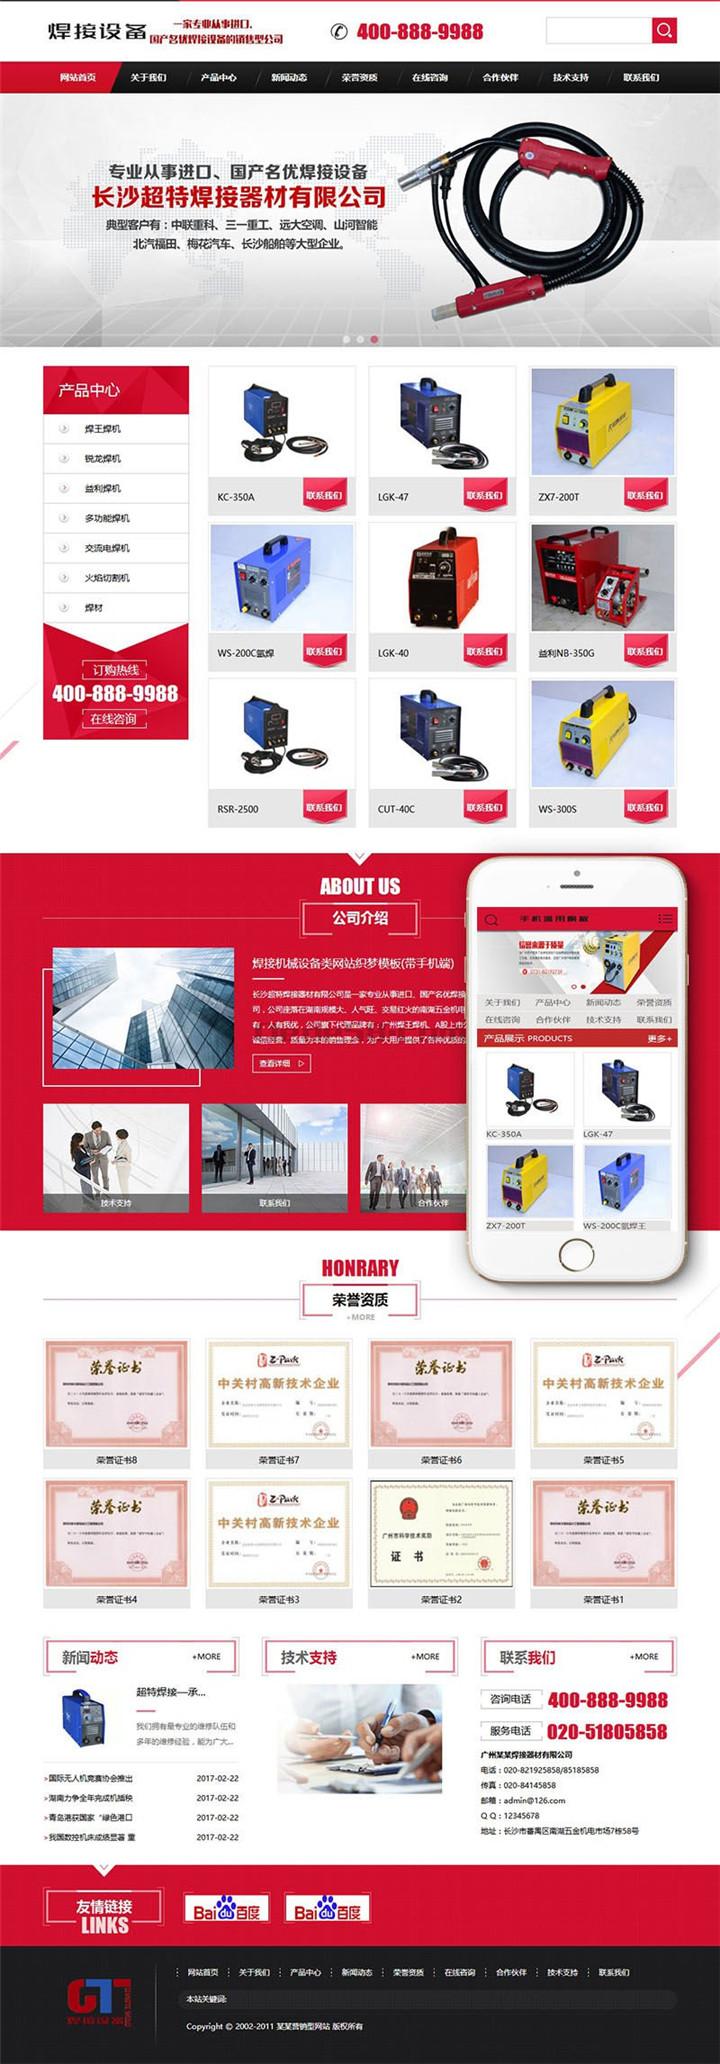 爱上源码网文章焊接机械设备类网站织梦模板(带手机端)营销型整站源码下载的内容插图